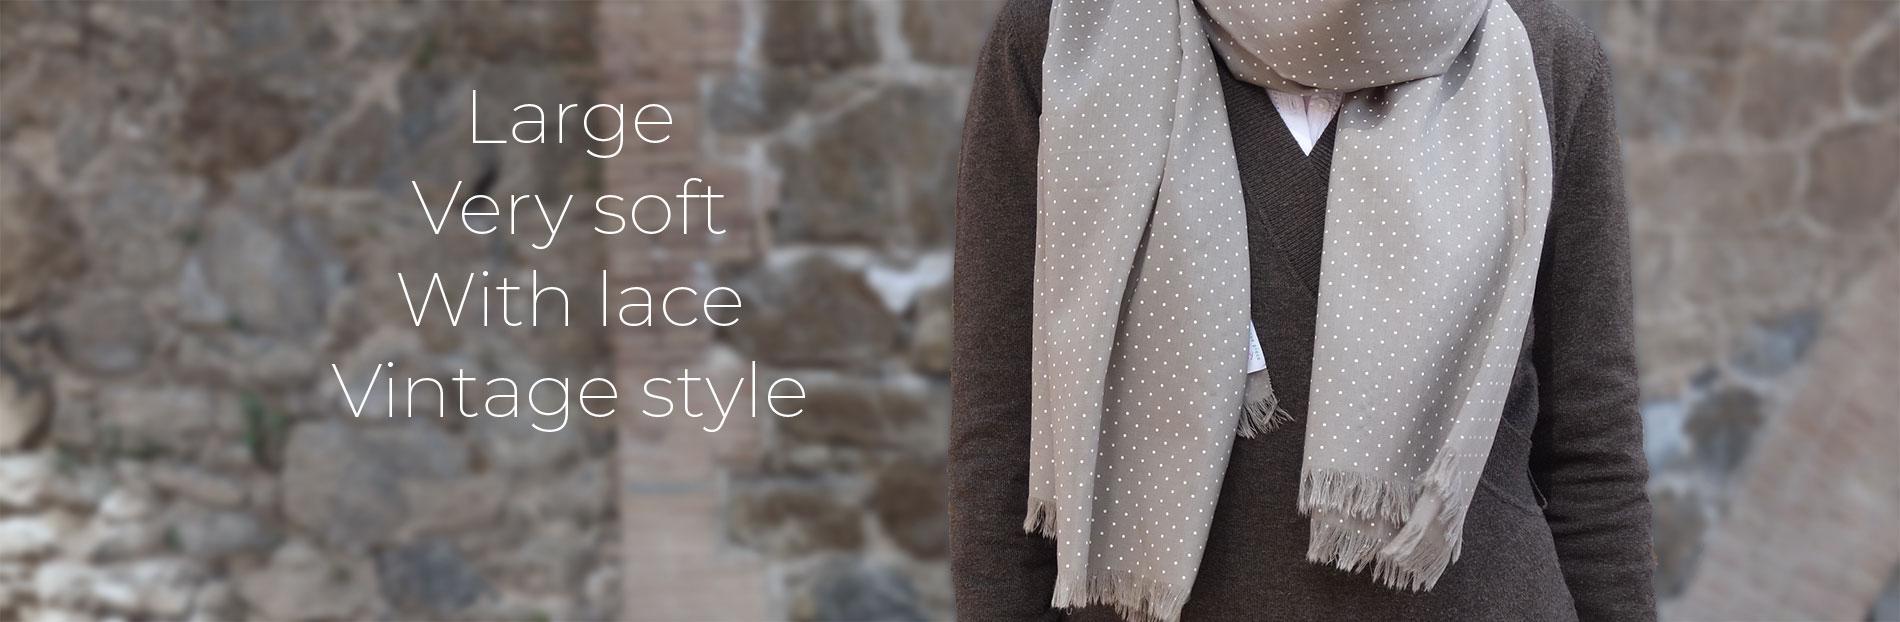 Fular mujer beige moda sostenible